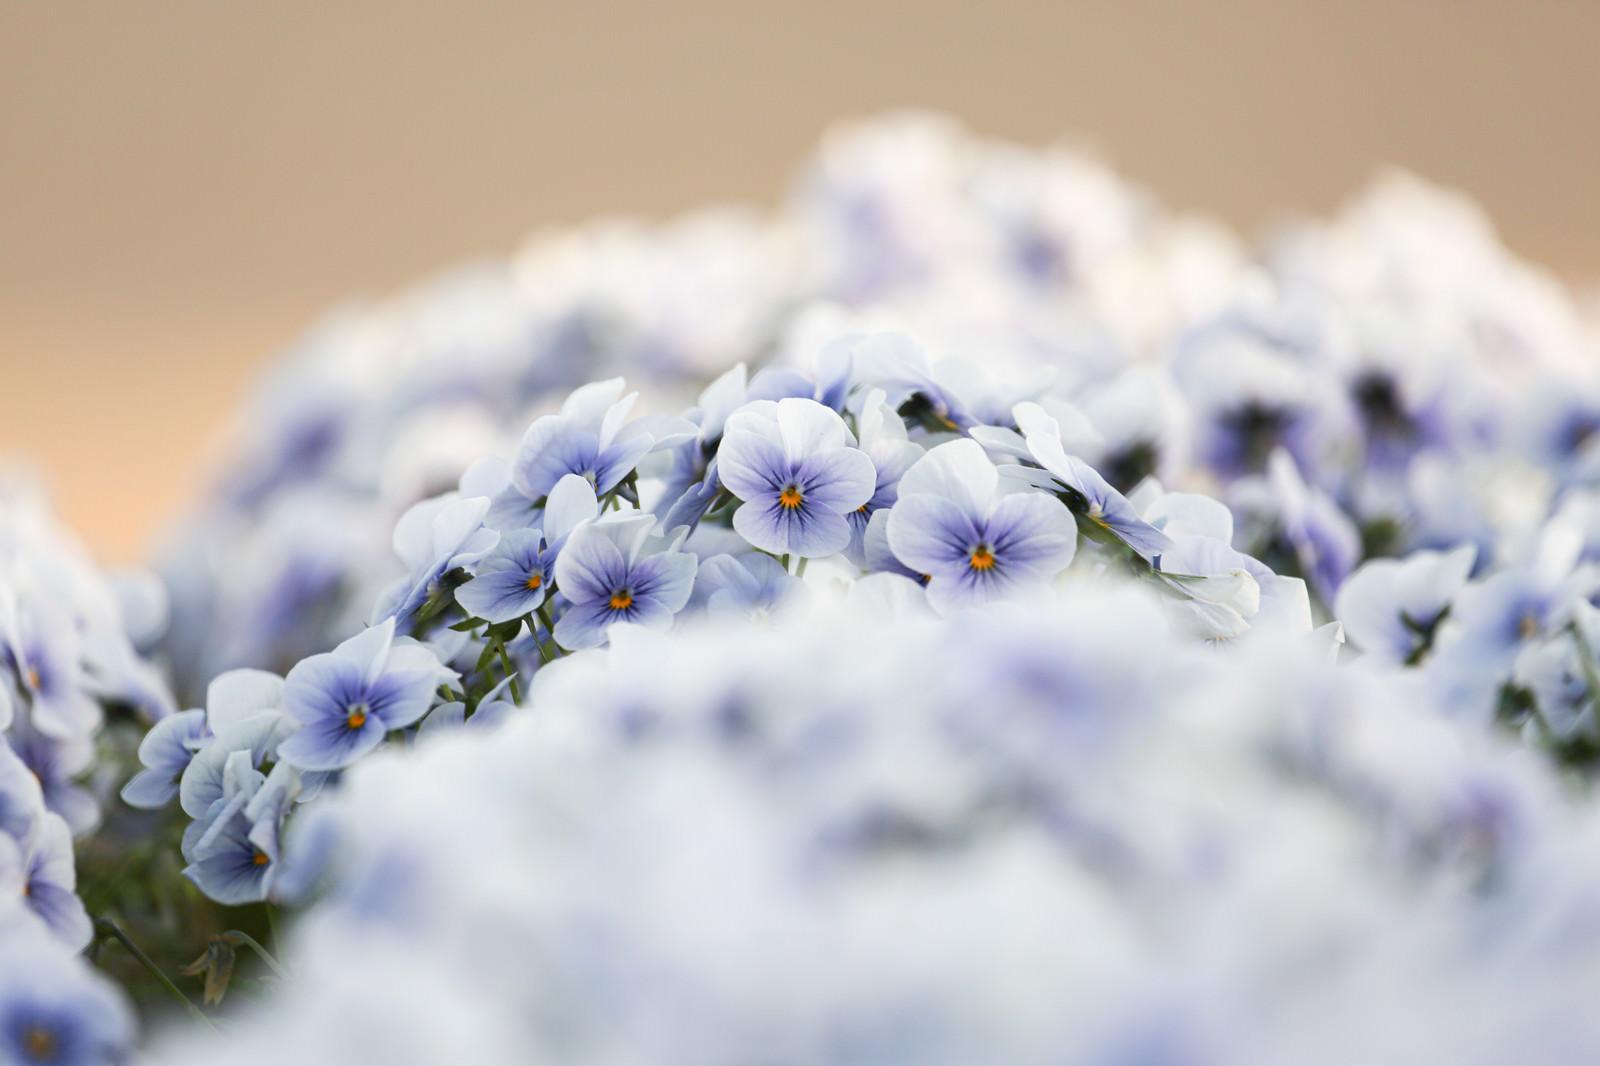 「園に咲くビオラ」の写真